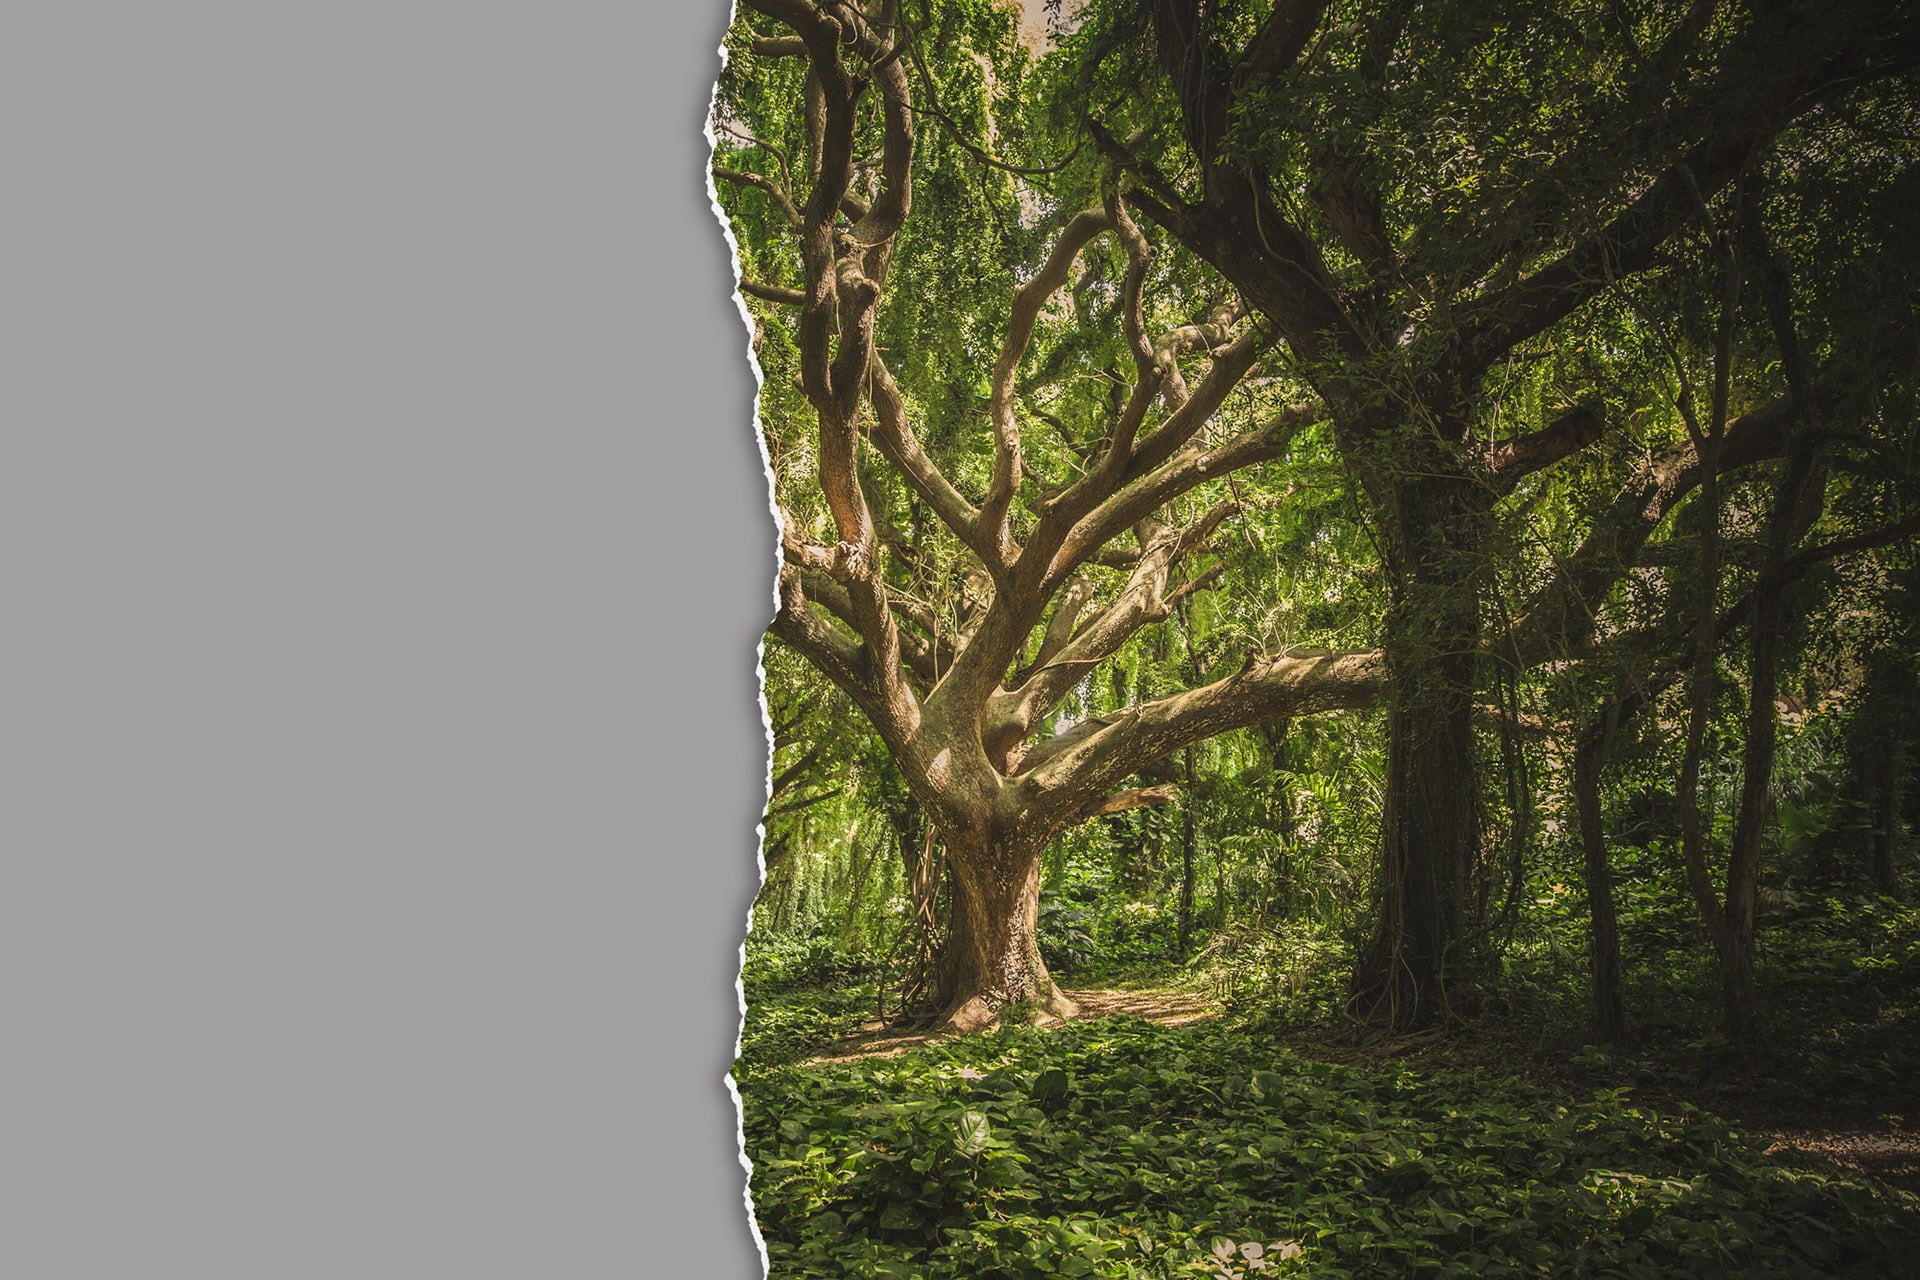 Εκκληση 30 Περιβαλλοντικών Οργανώσεων να αποσυρθεί το άρθρο 219 για τις περιοχές NATURA